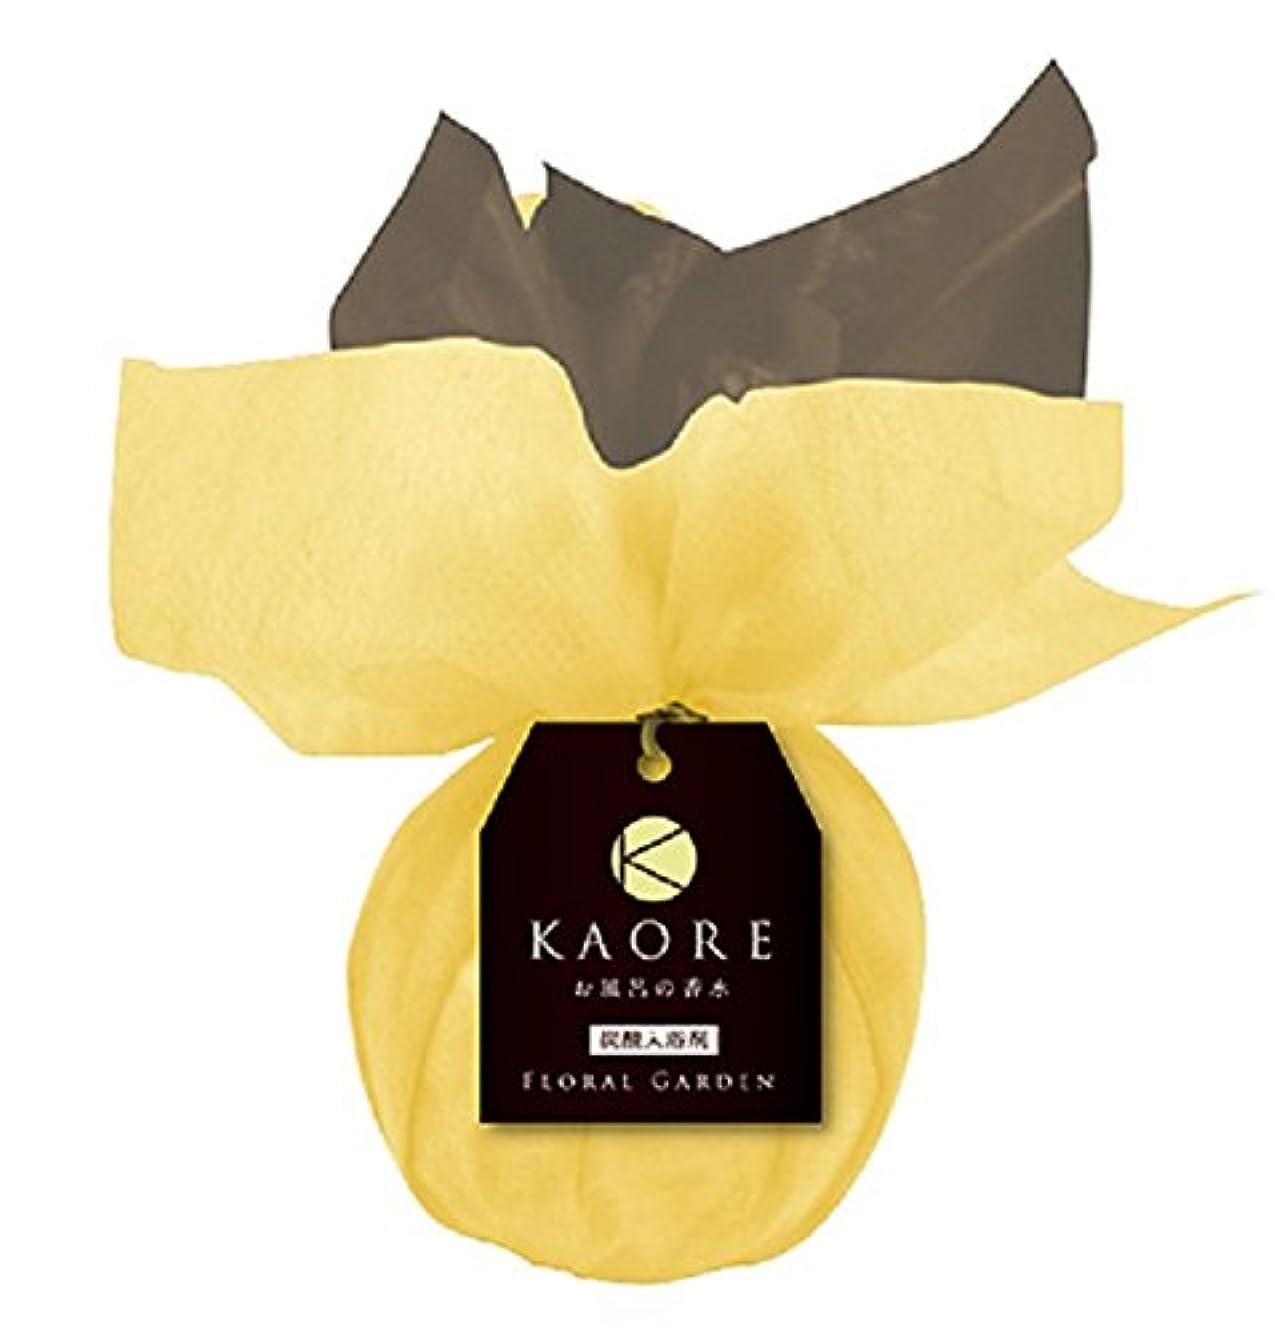 飢電話ベイビーKAORE(カオリ) お風呂の香水 炭酸入浴剤 フローラルガーデン 150g